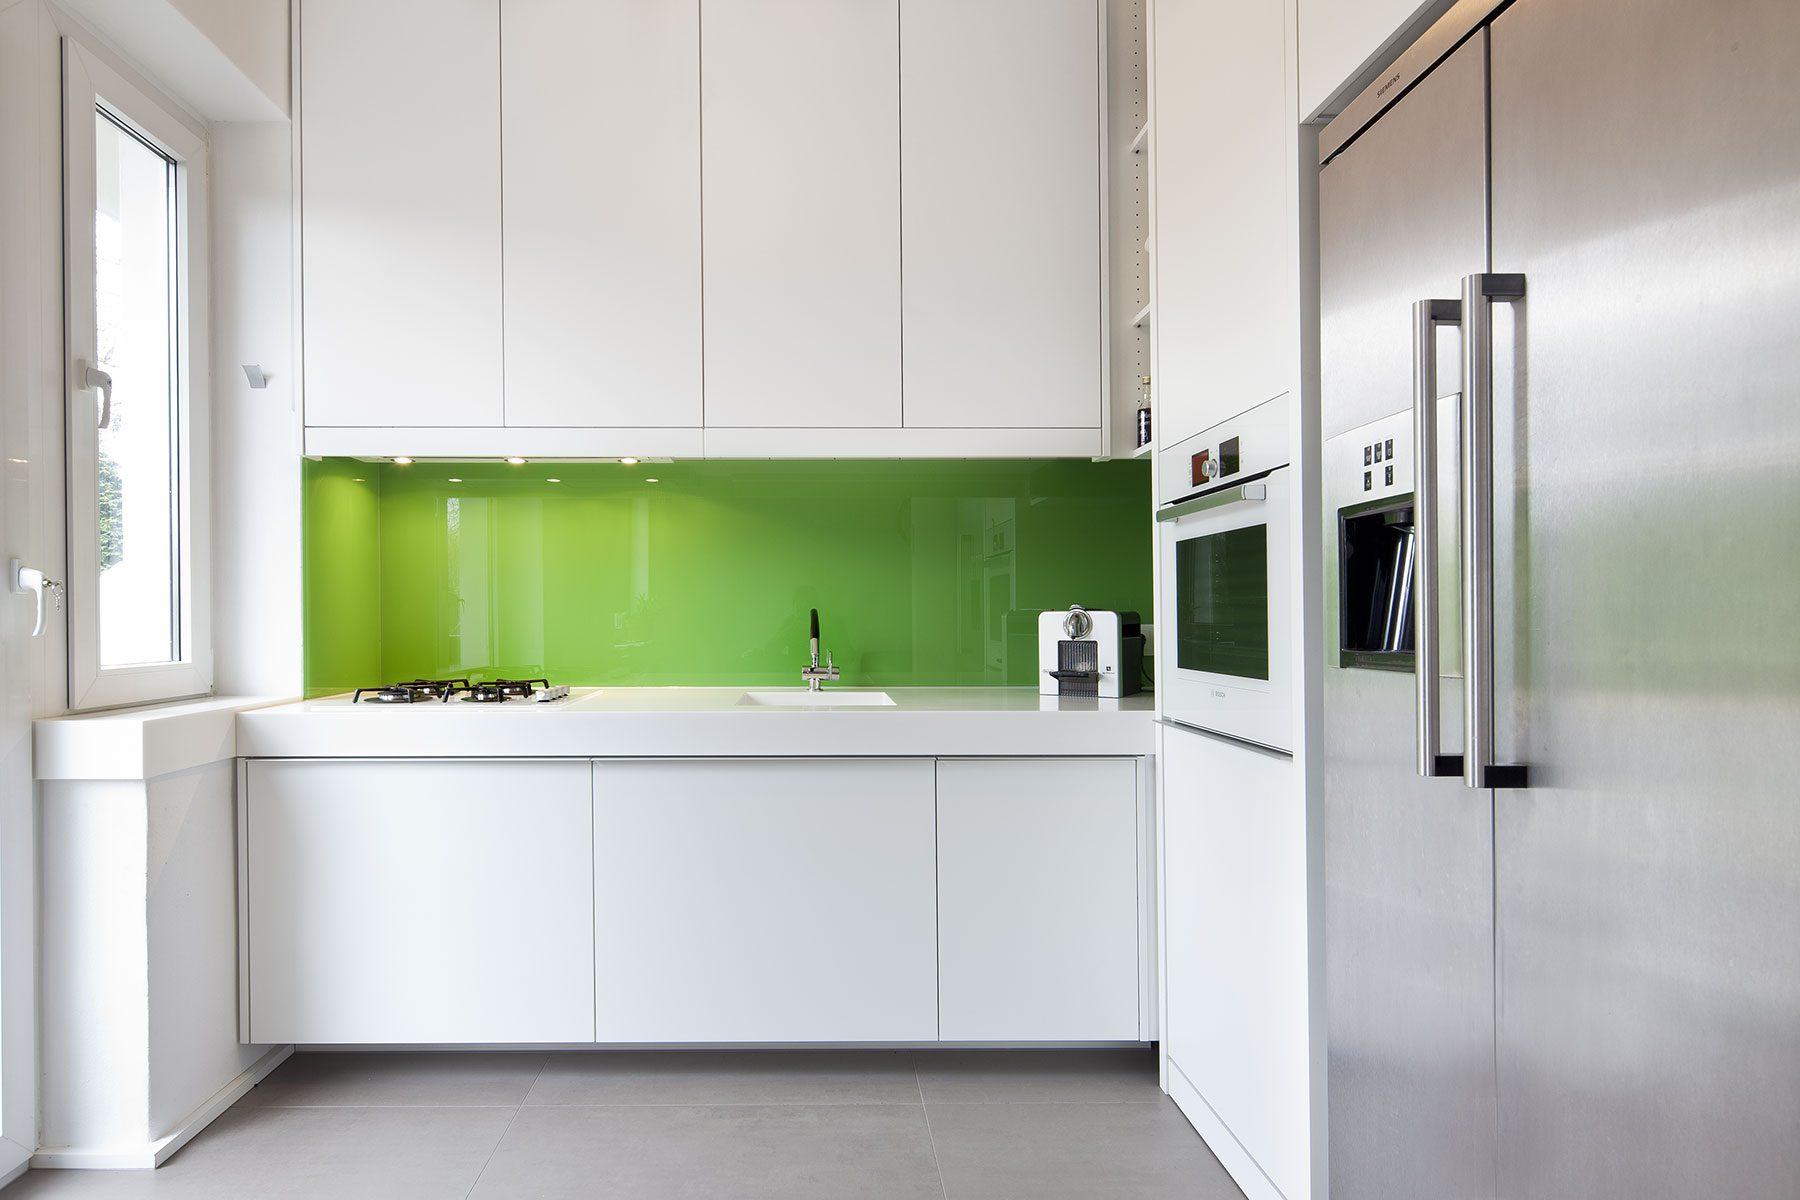 gestaltung k che schmaler tisch k che algerische. Black Bedroom Furniture Sets. Home Design Ideas